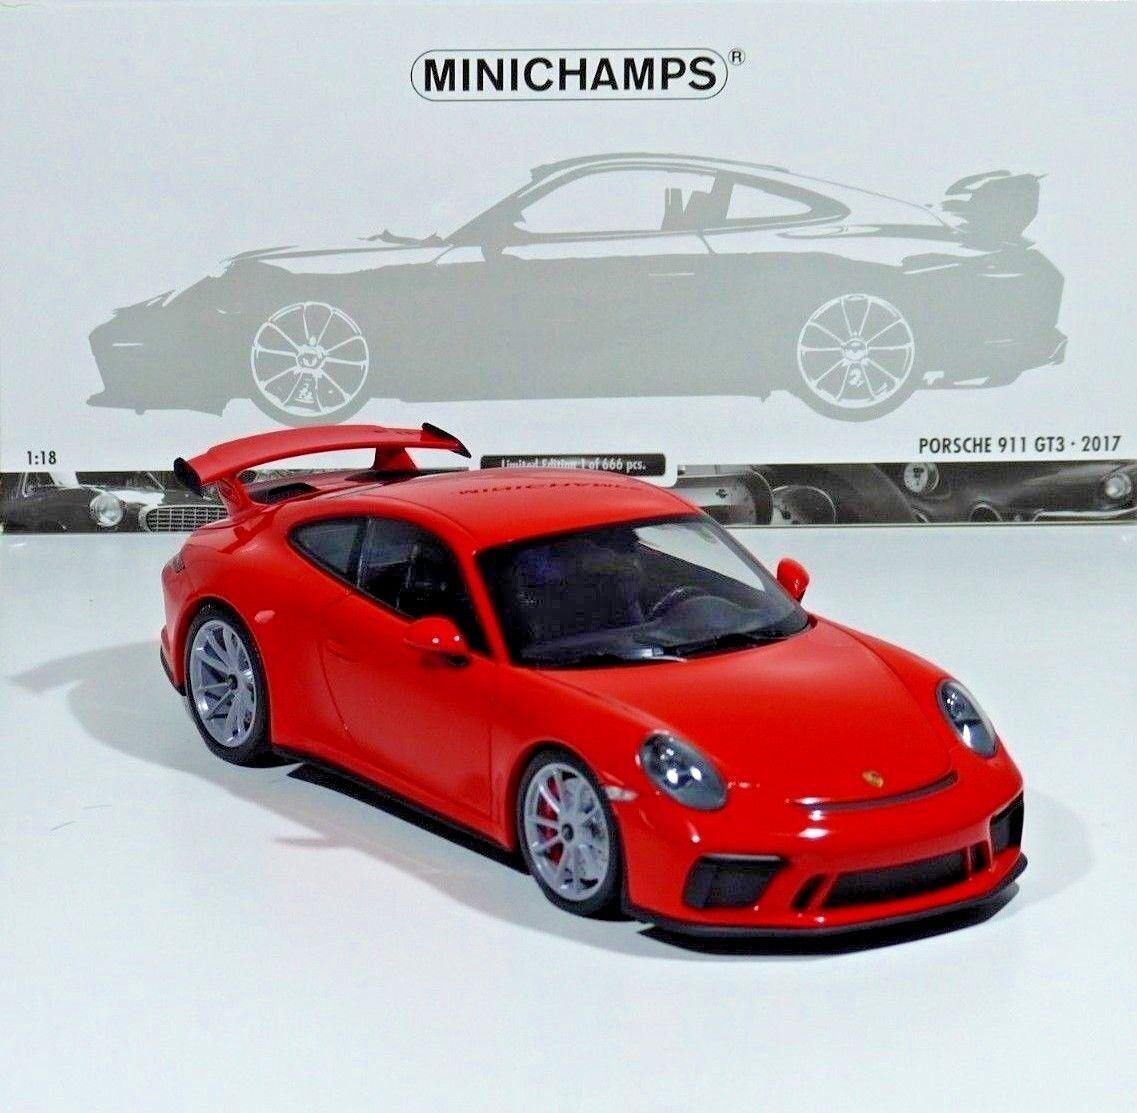 Porsche 911 (991 II) gt3 année-modèle 2017 Orange 666 PC. 1 18 Minichamps